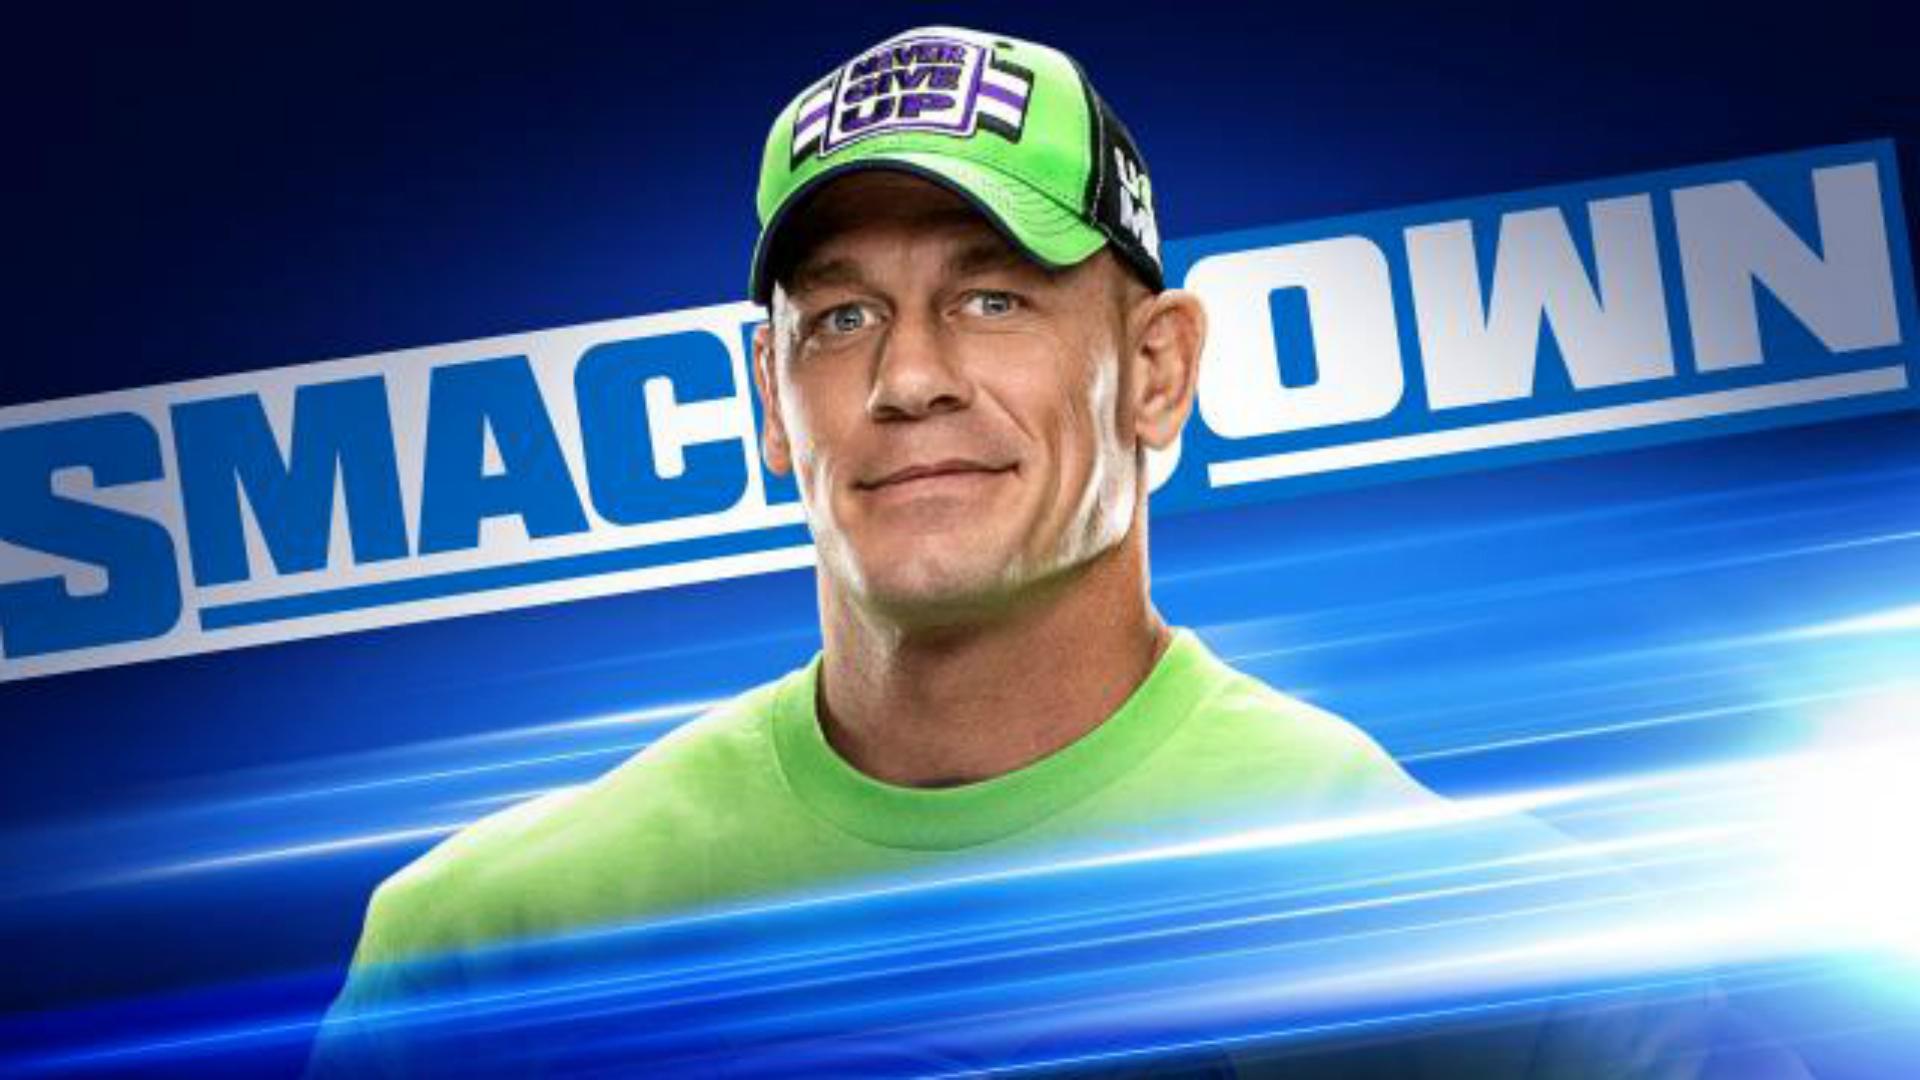 WWE Smackdown en vivo resultados, actualizaciones, aspectos destacados de la primera arena vacía Smackdown con John Cena 2